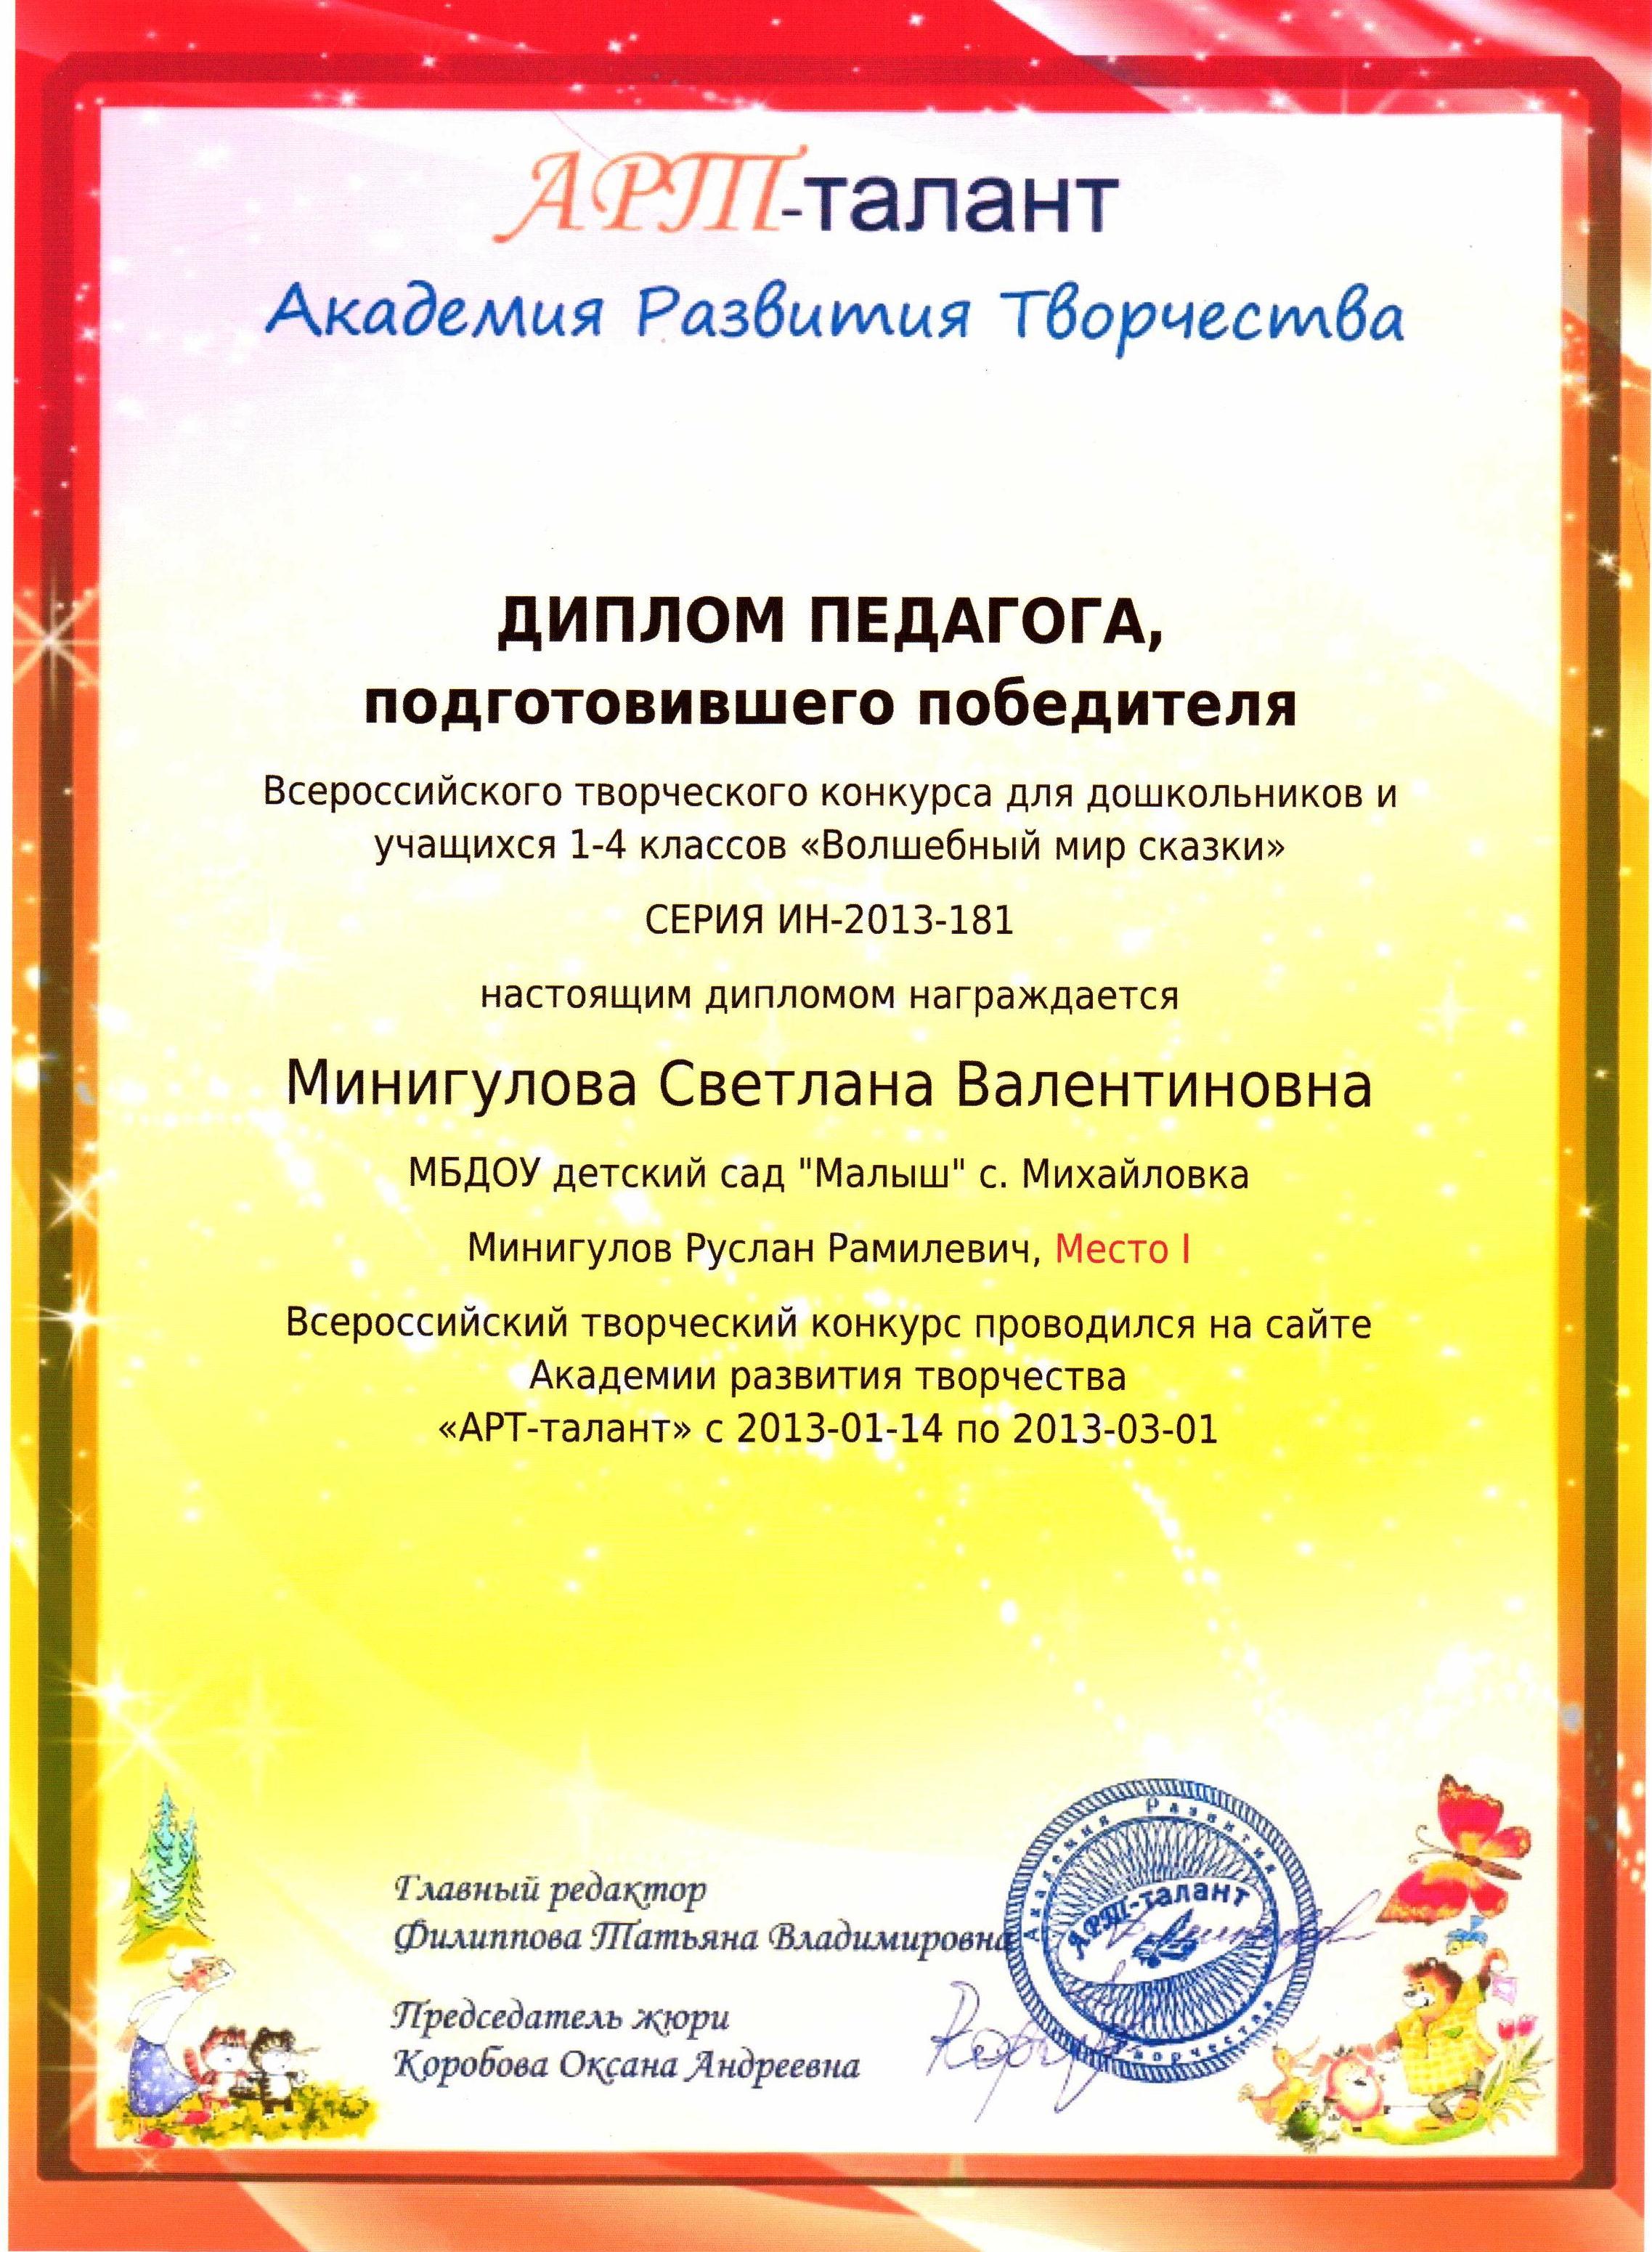 Сайт академия таланта конкурсы для педагогов